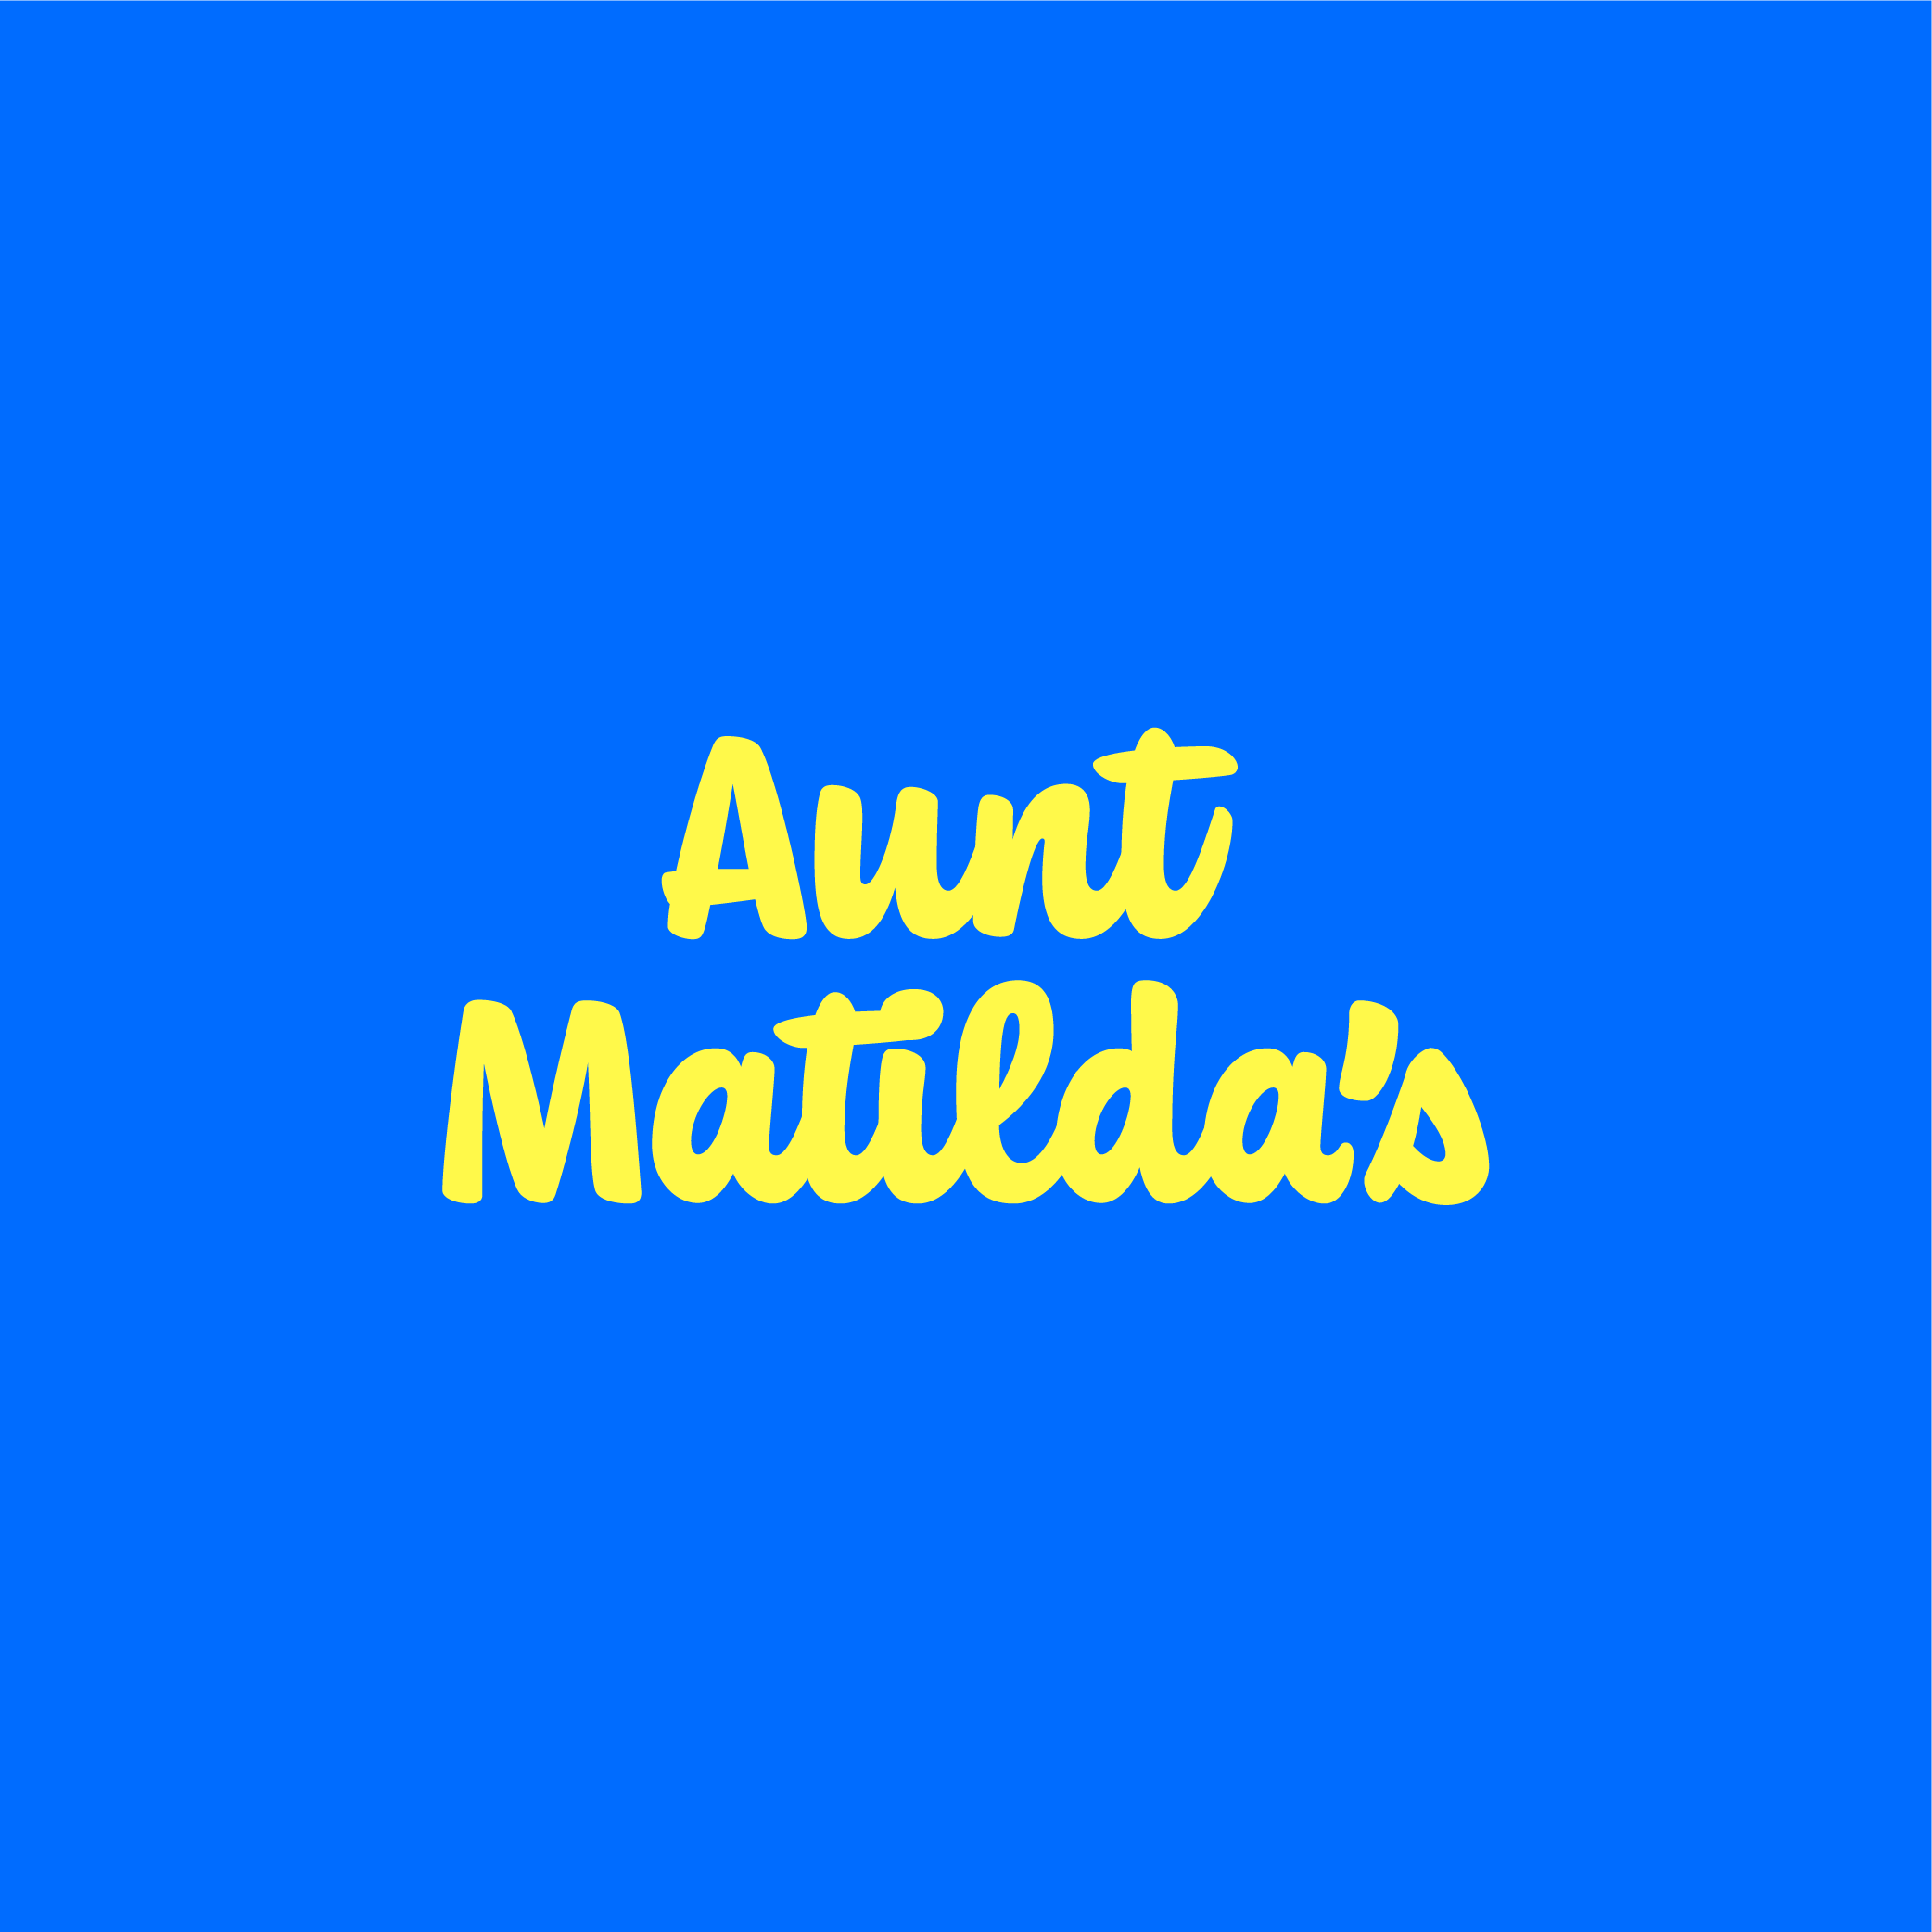 Aunt Matilda's logo design